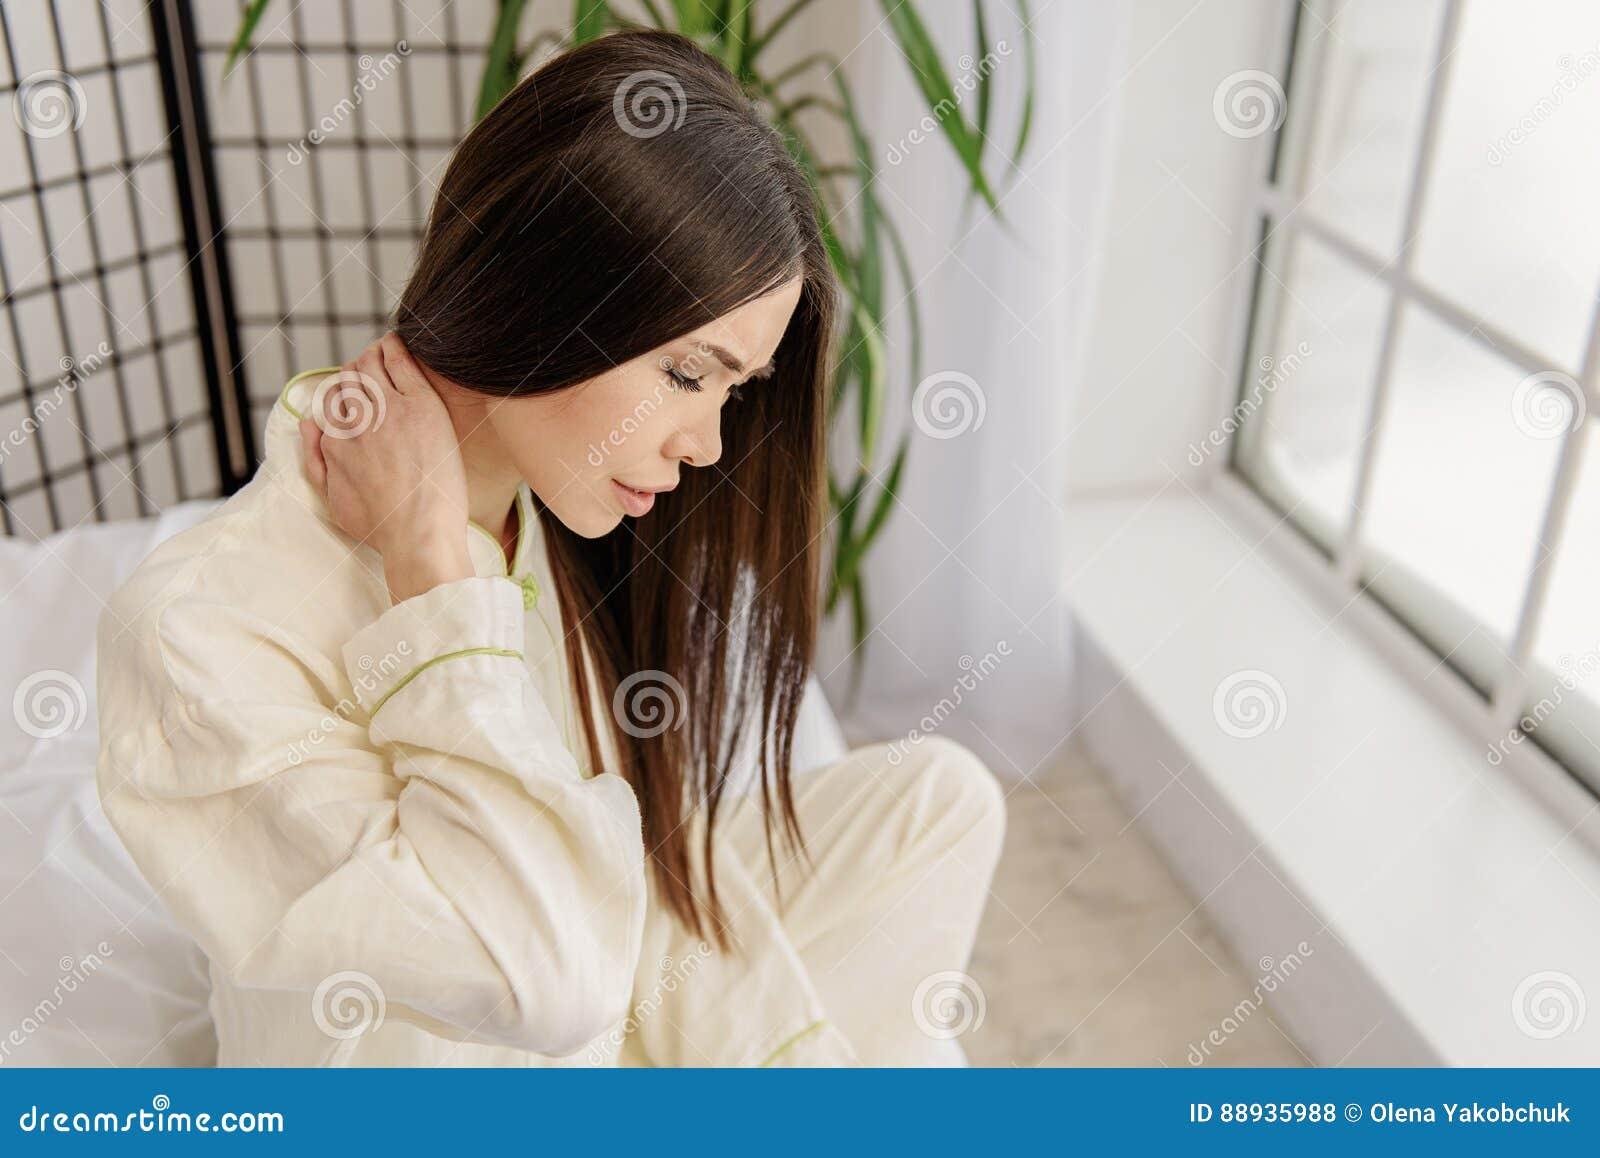 Enttäuschte Asiatische Frau Die Schmerz Ausdrückt Stockfoto Bild